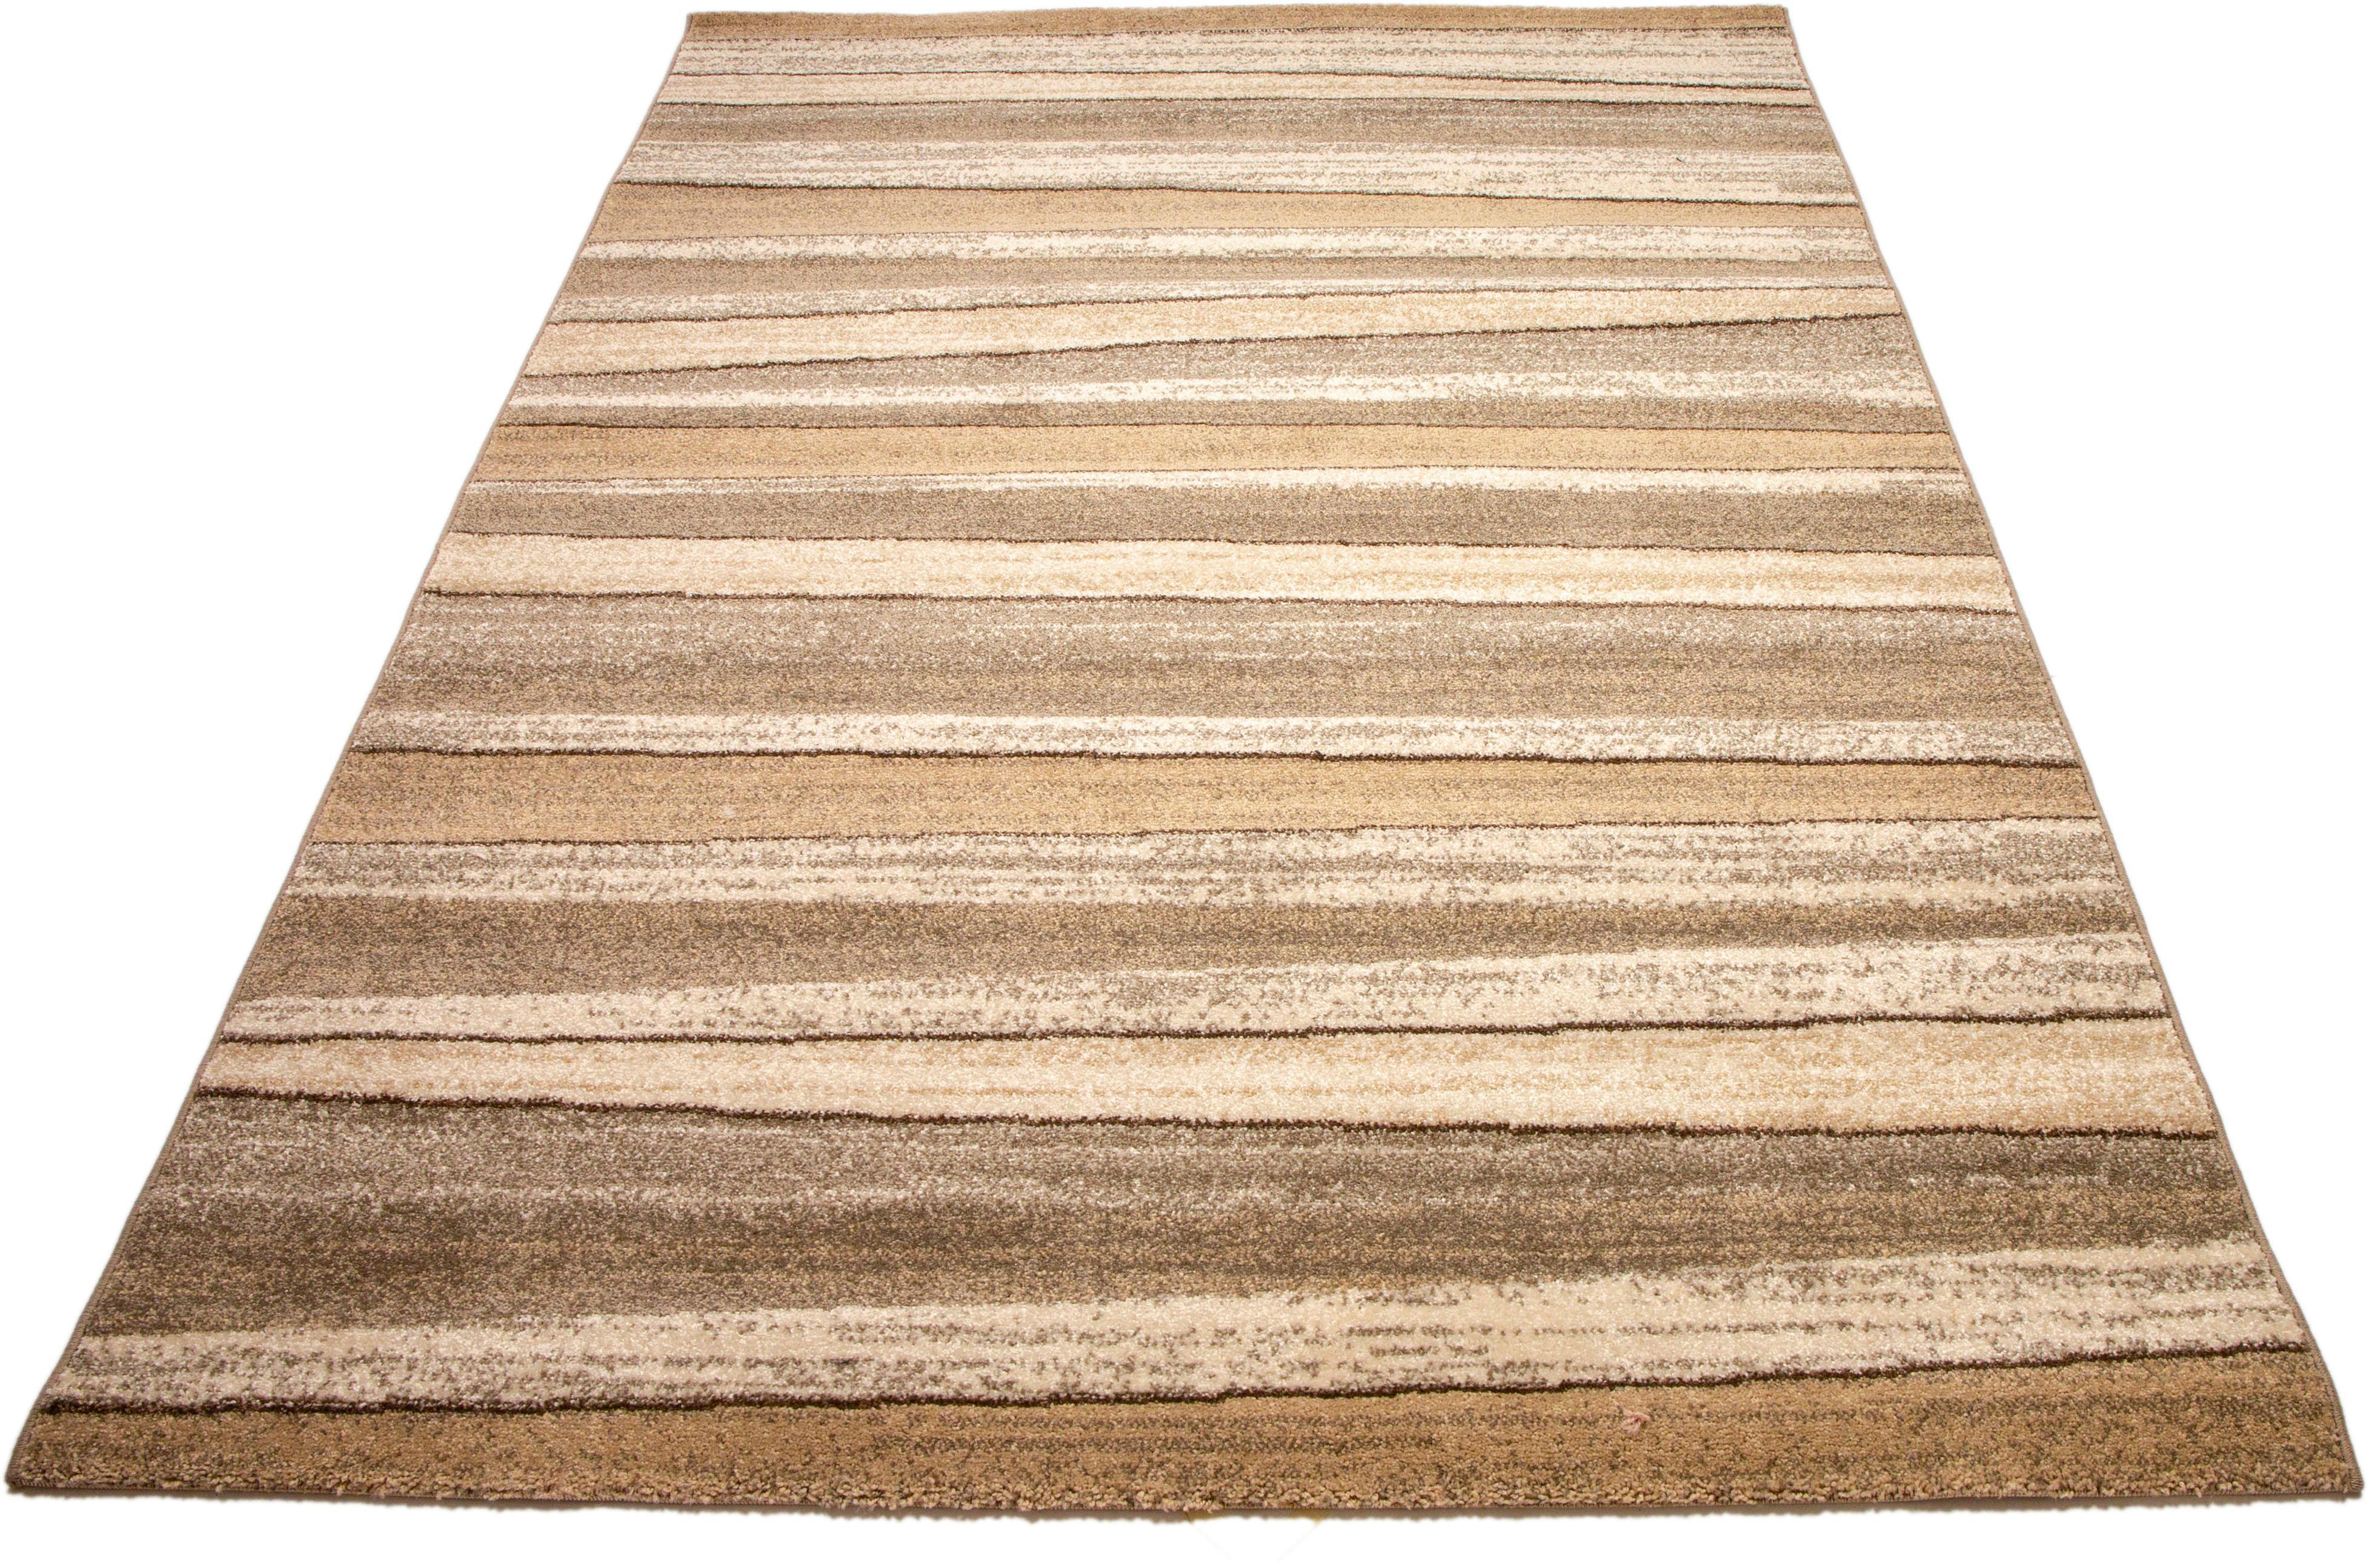 Teppich Alicante Andiamo rechteckig Höhe 8 mm maschinell gewebt